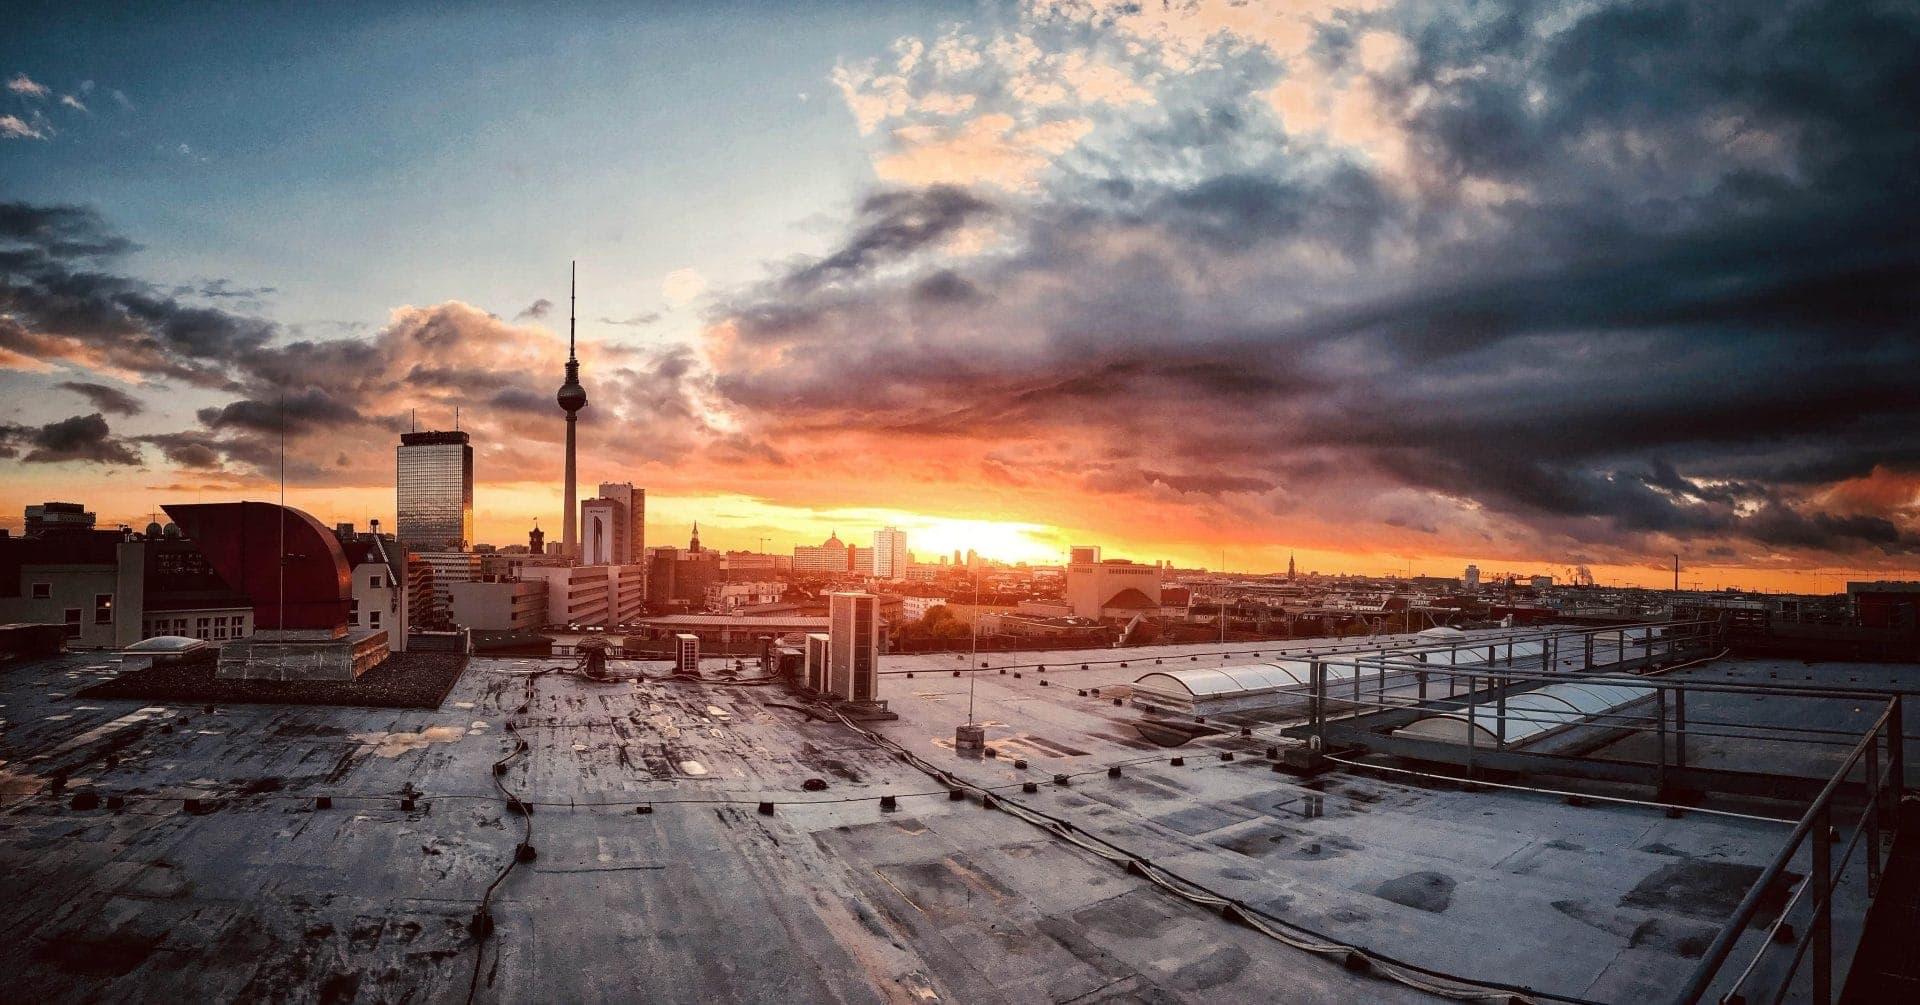 Sonnenuntergang über den Dächern von Berlin mit Fernsehturm